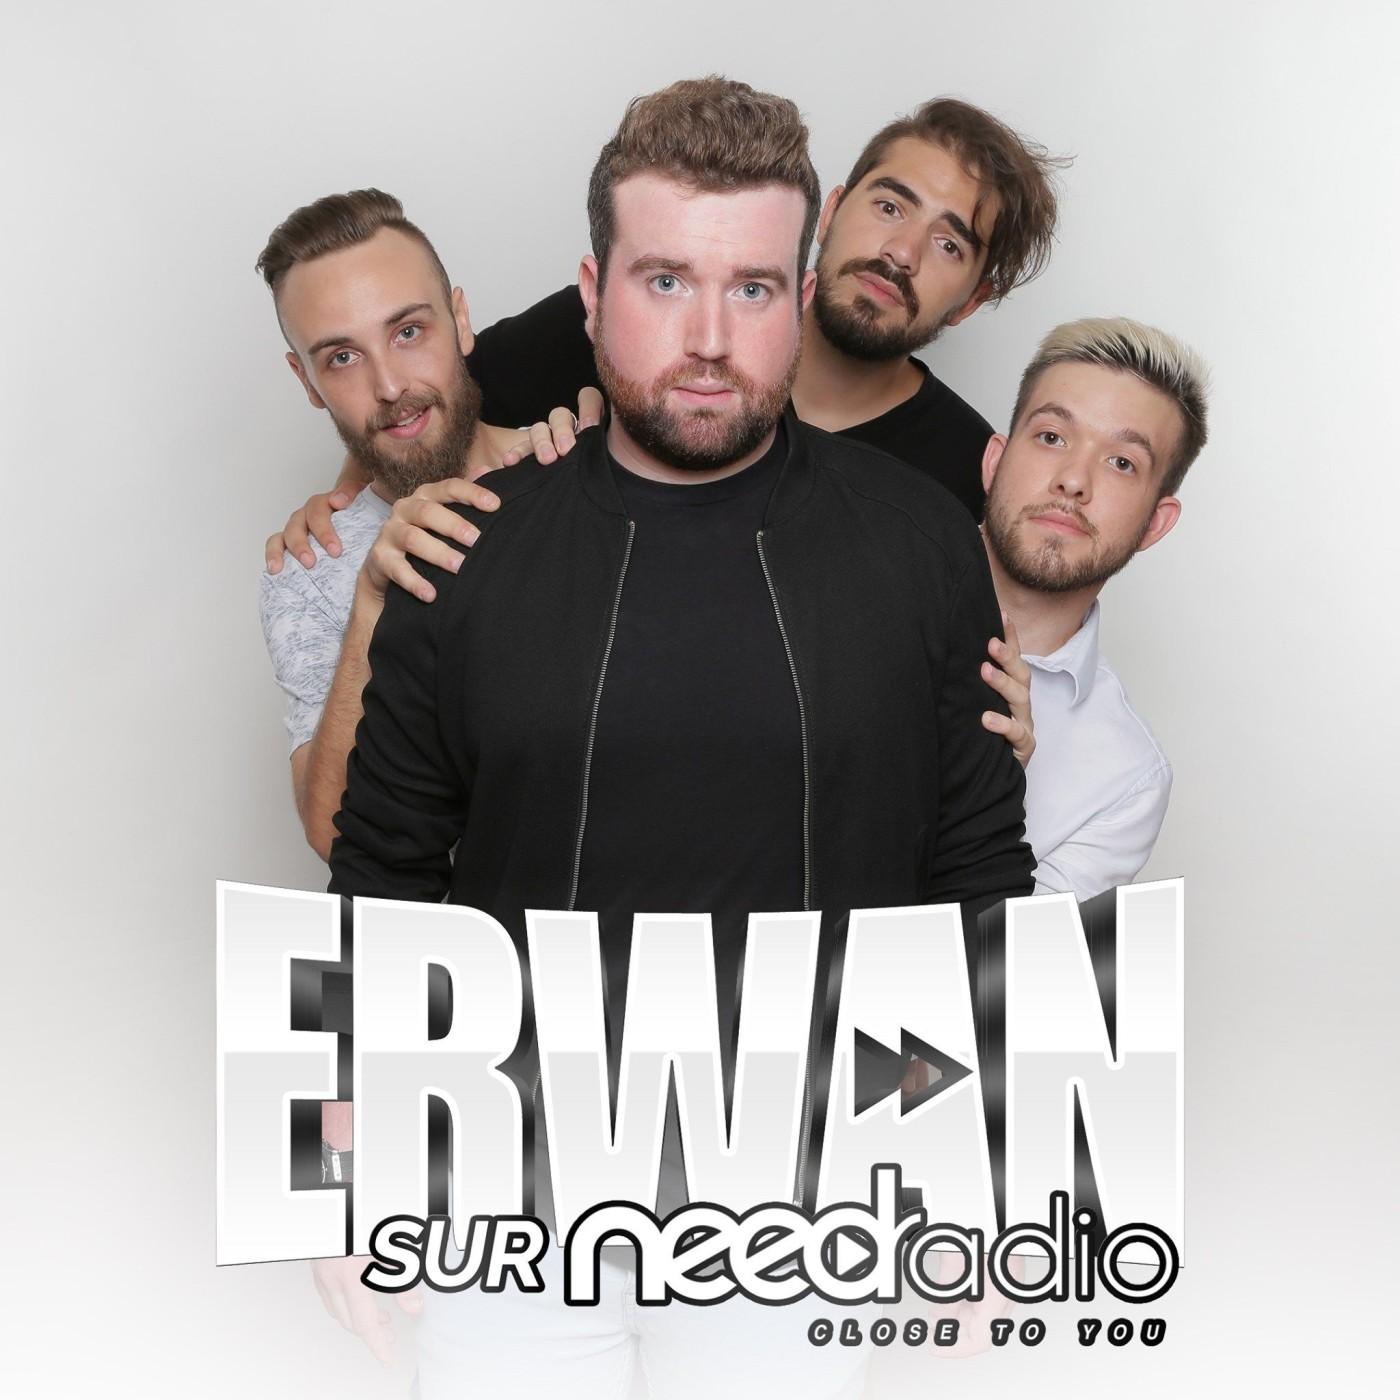 Erwan sur NEED Radio S2 #4 (27/10/19)